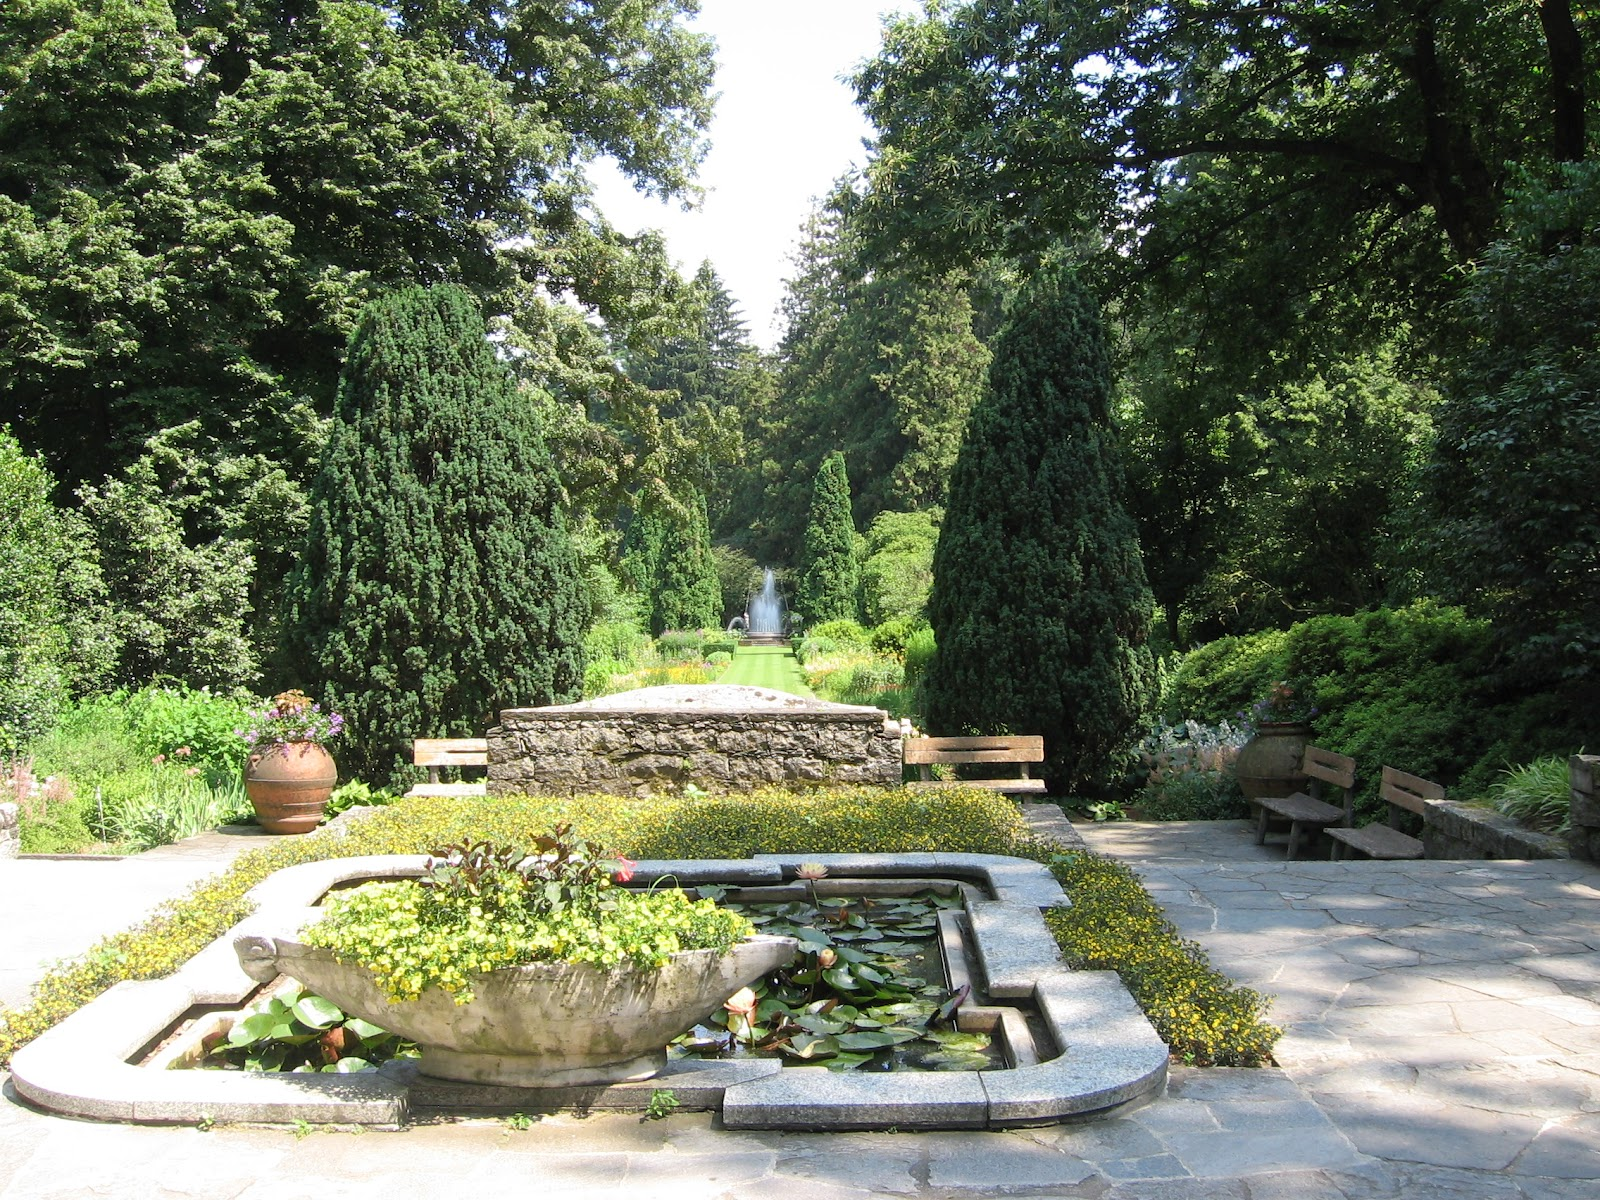 La Casa del Giardiniere Bed  and Breakfast  June 2012